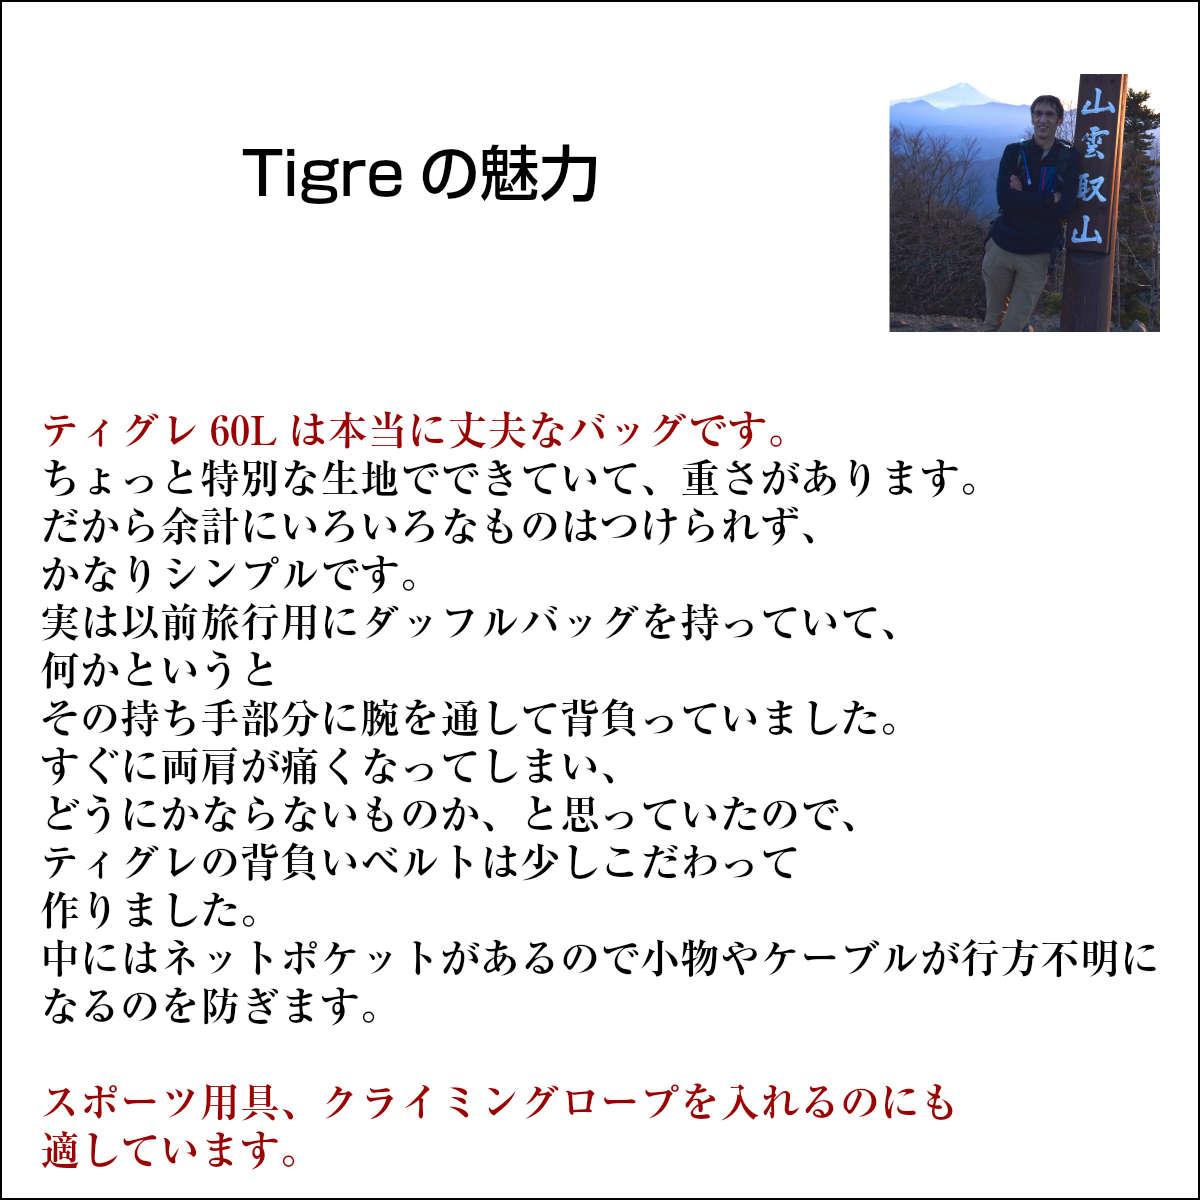 【セット】 Tigre(ティグレ)60Lと小さいリュックのセット 送料無料